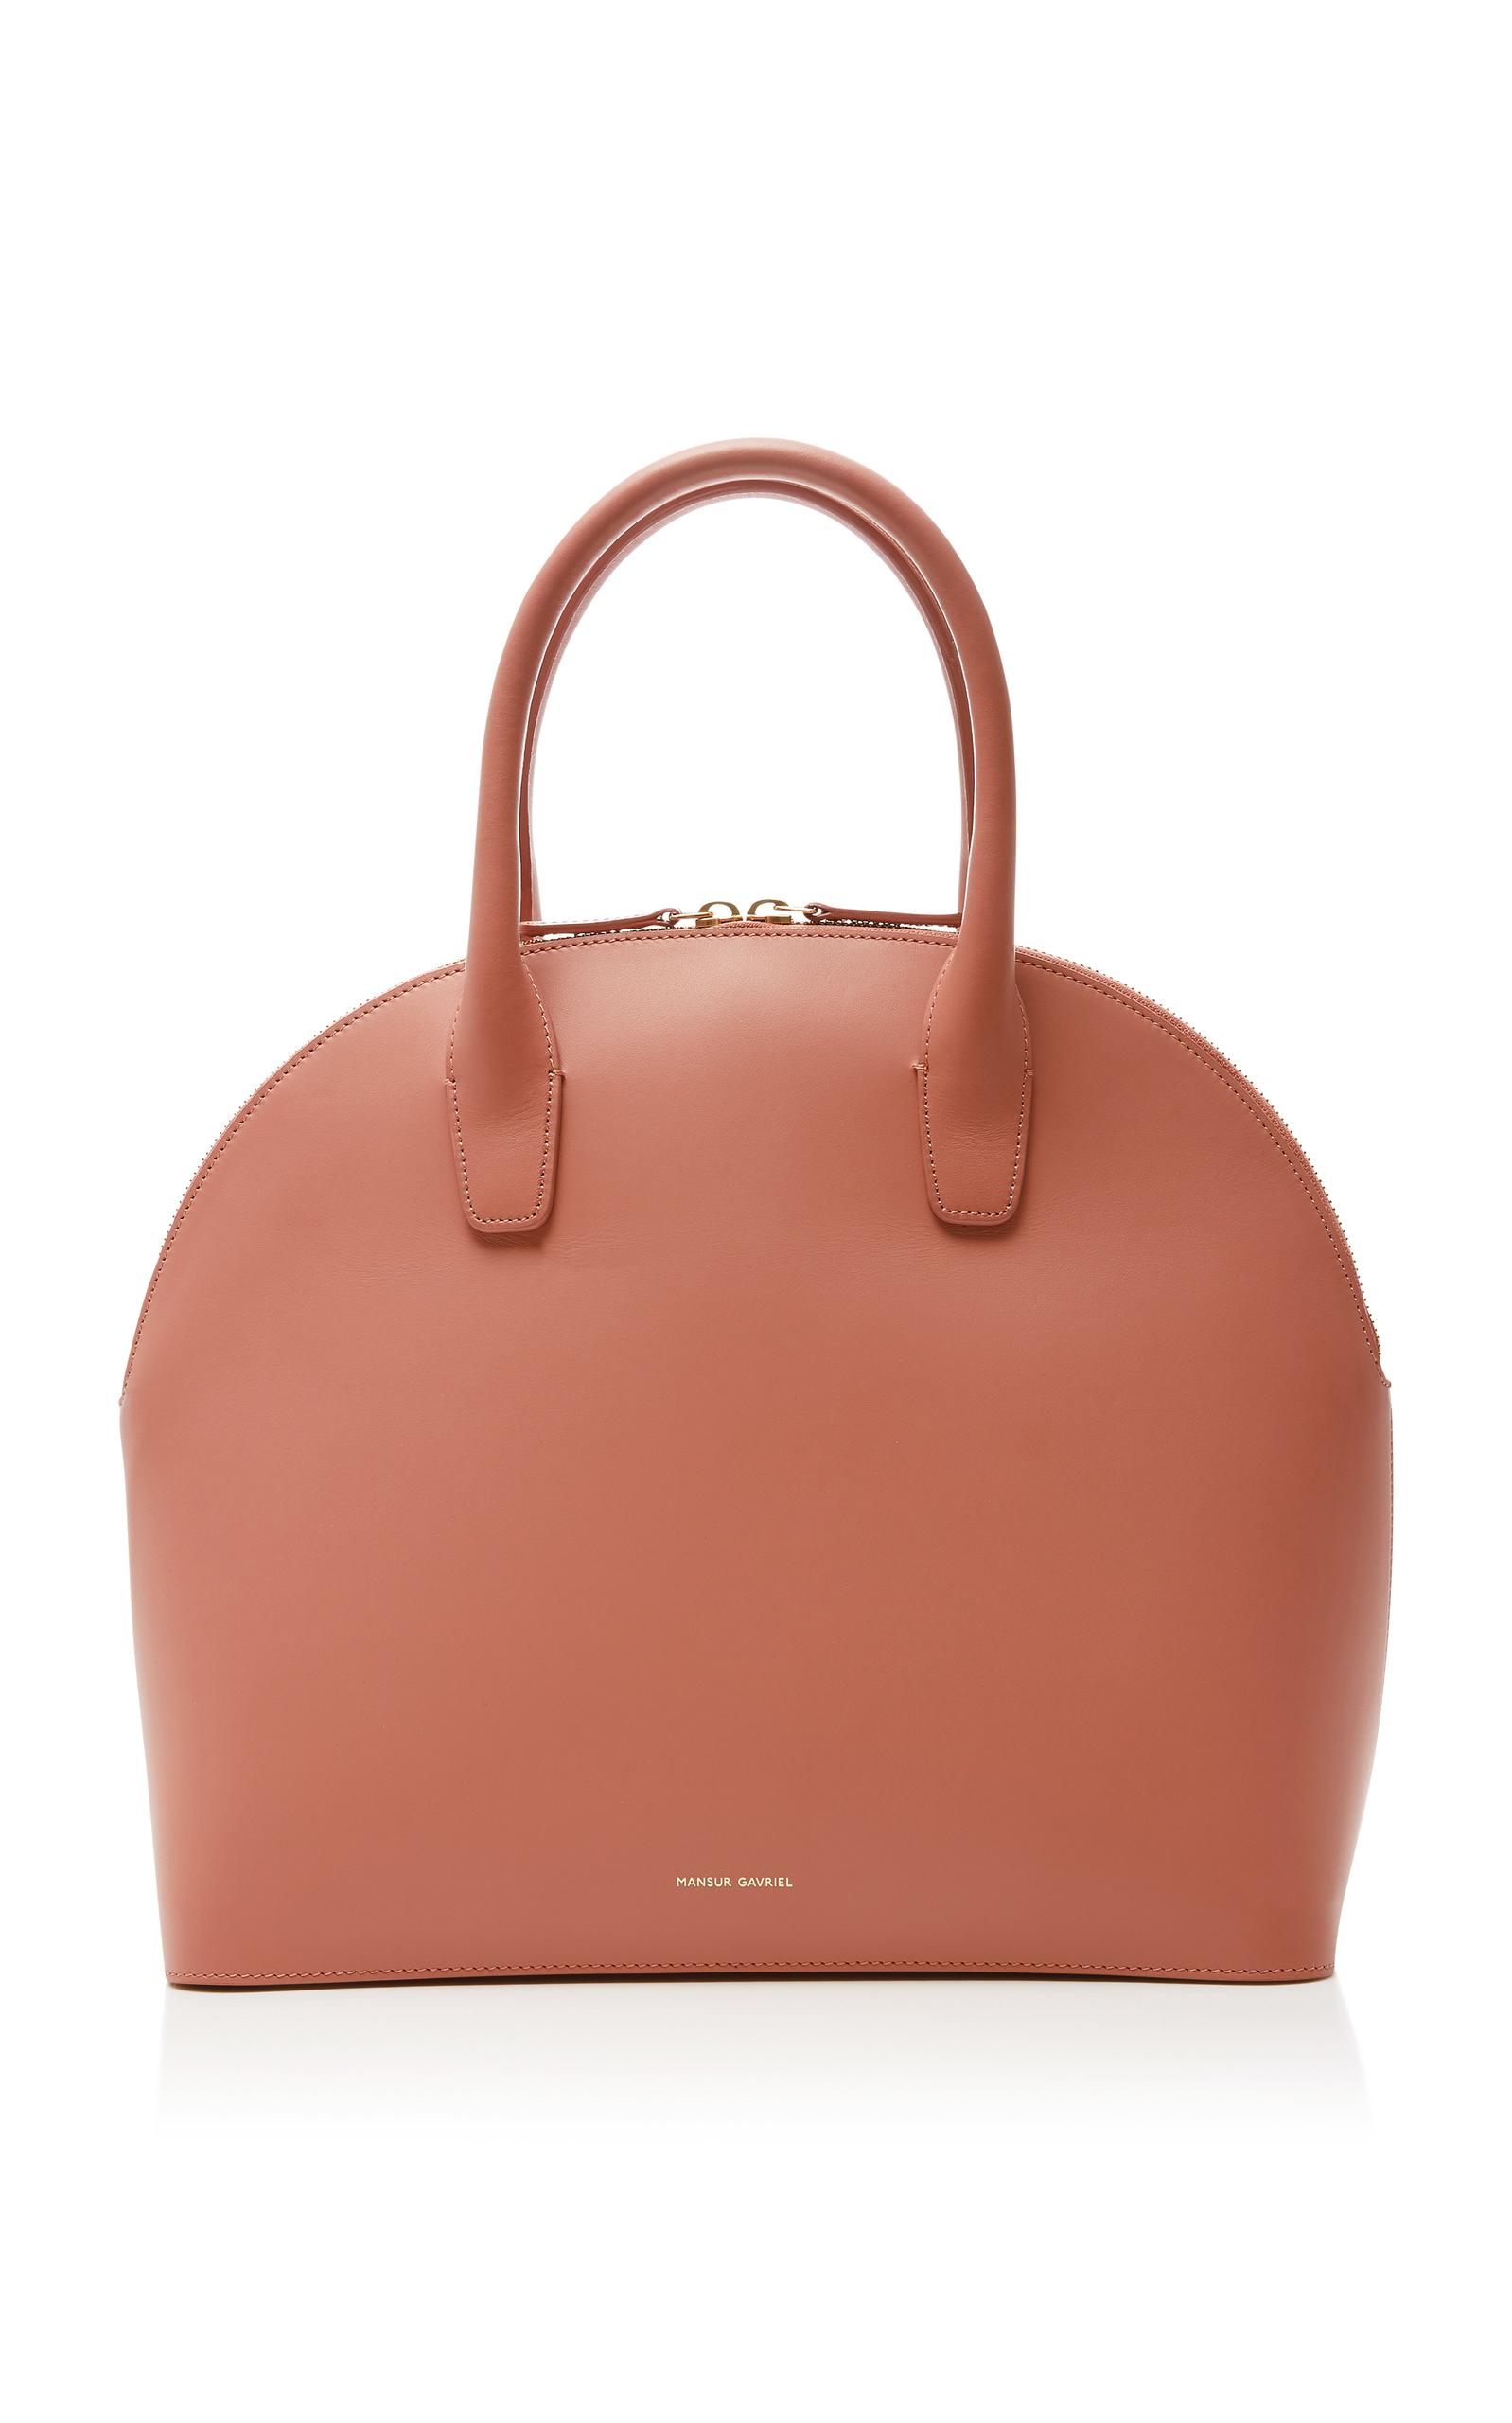 Mansur Gavriel Top Handle Rounded Leather Bag DQoBq8np